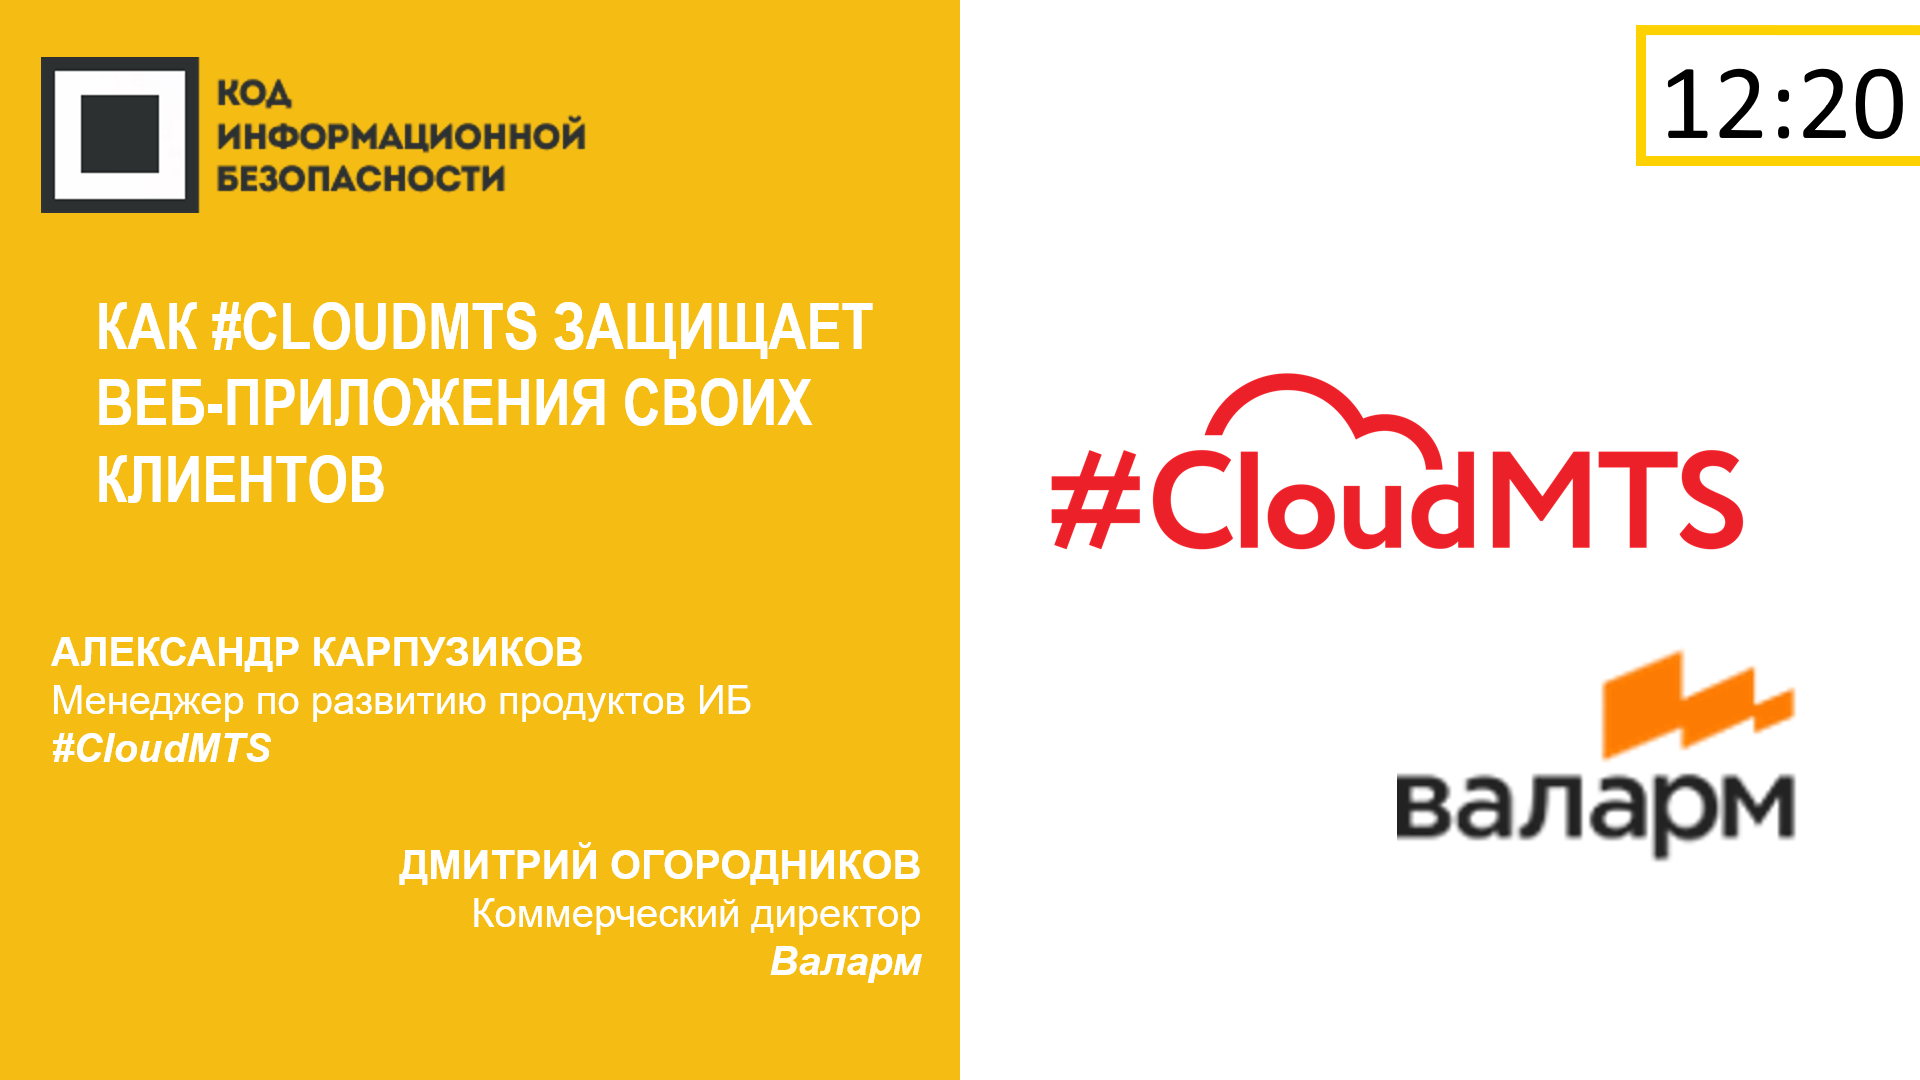 Как #CloudMTS защищает веб-приложения своих клиентов?